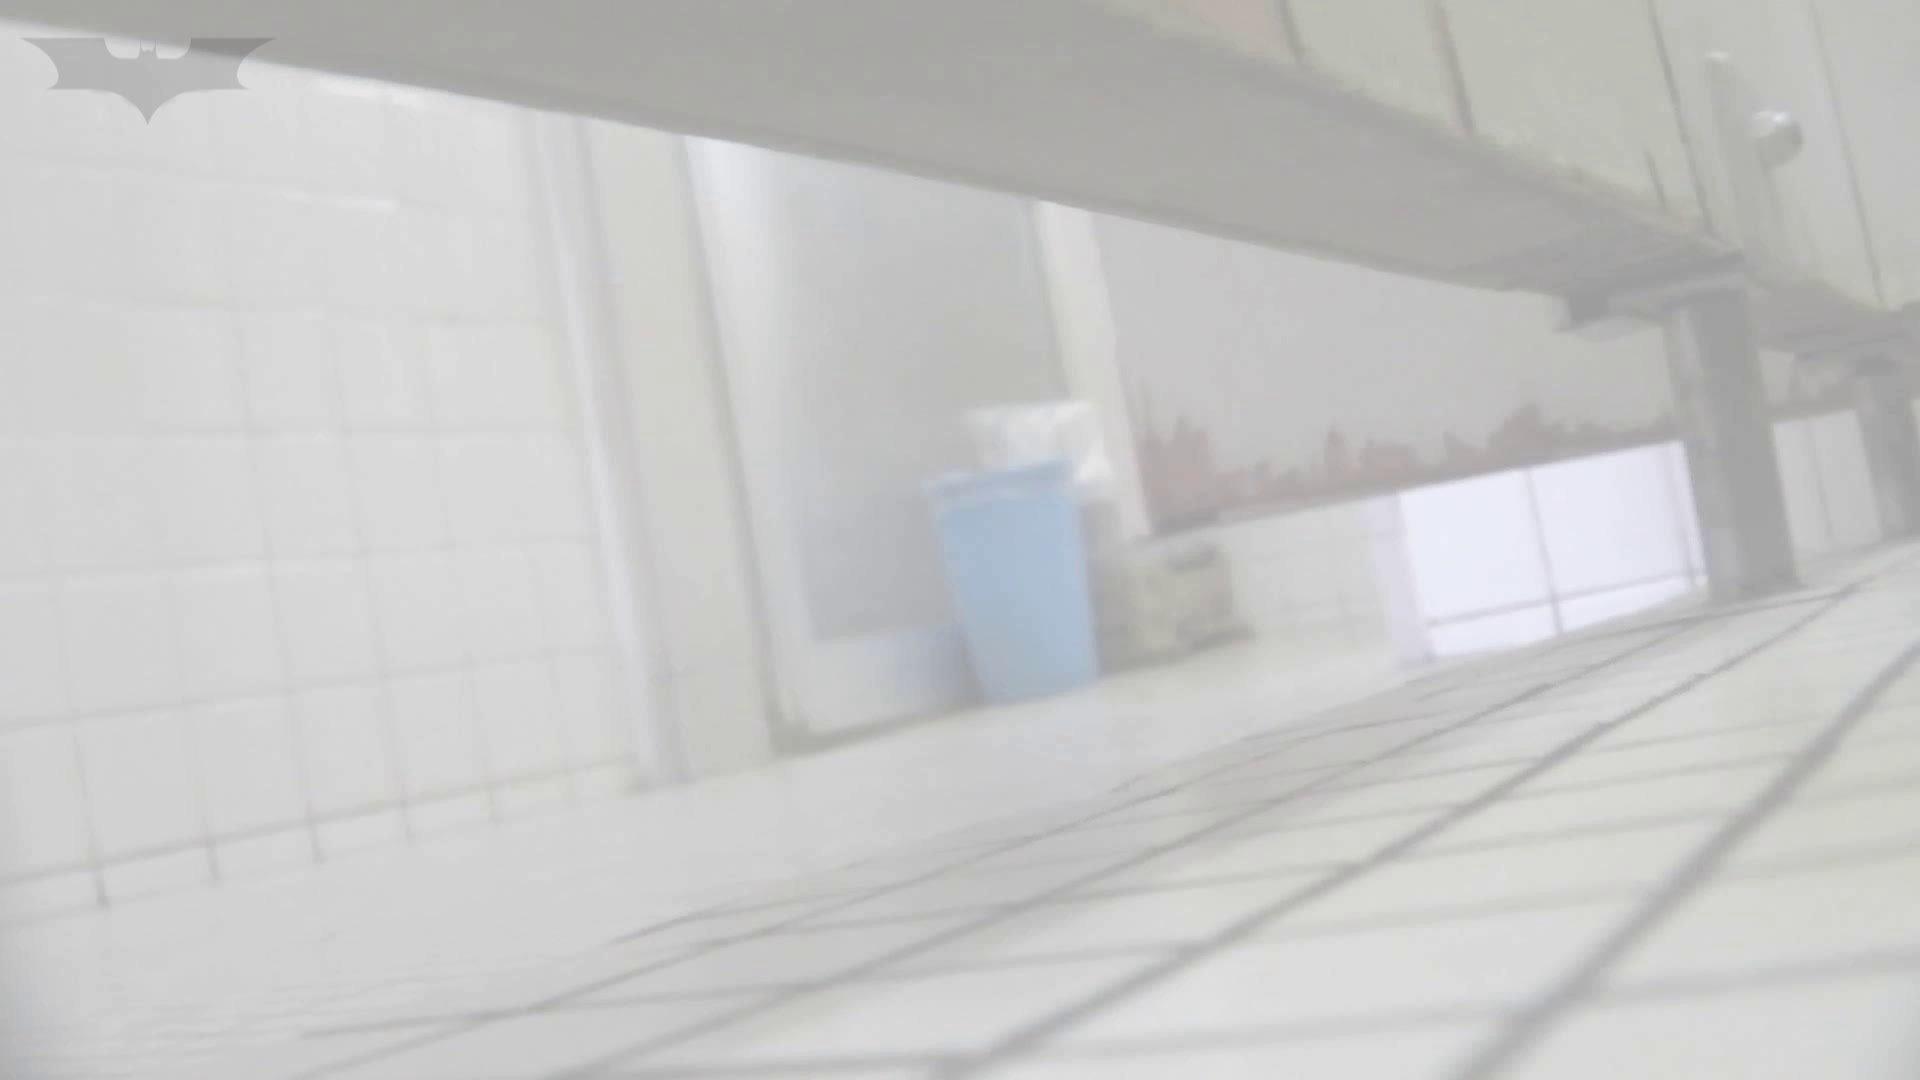 洗面所特攻隊 vol.74 last 2総勢16名激撮【2015・29位】 お姉さん  95PIX 50